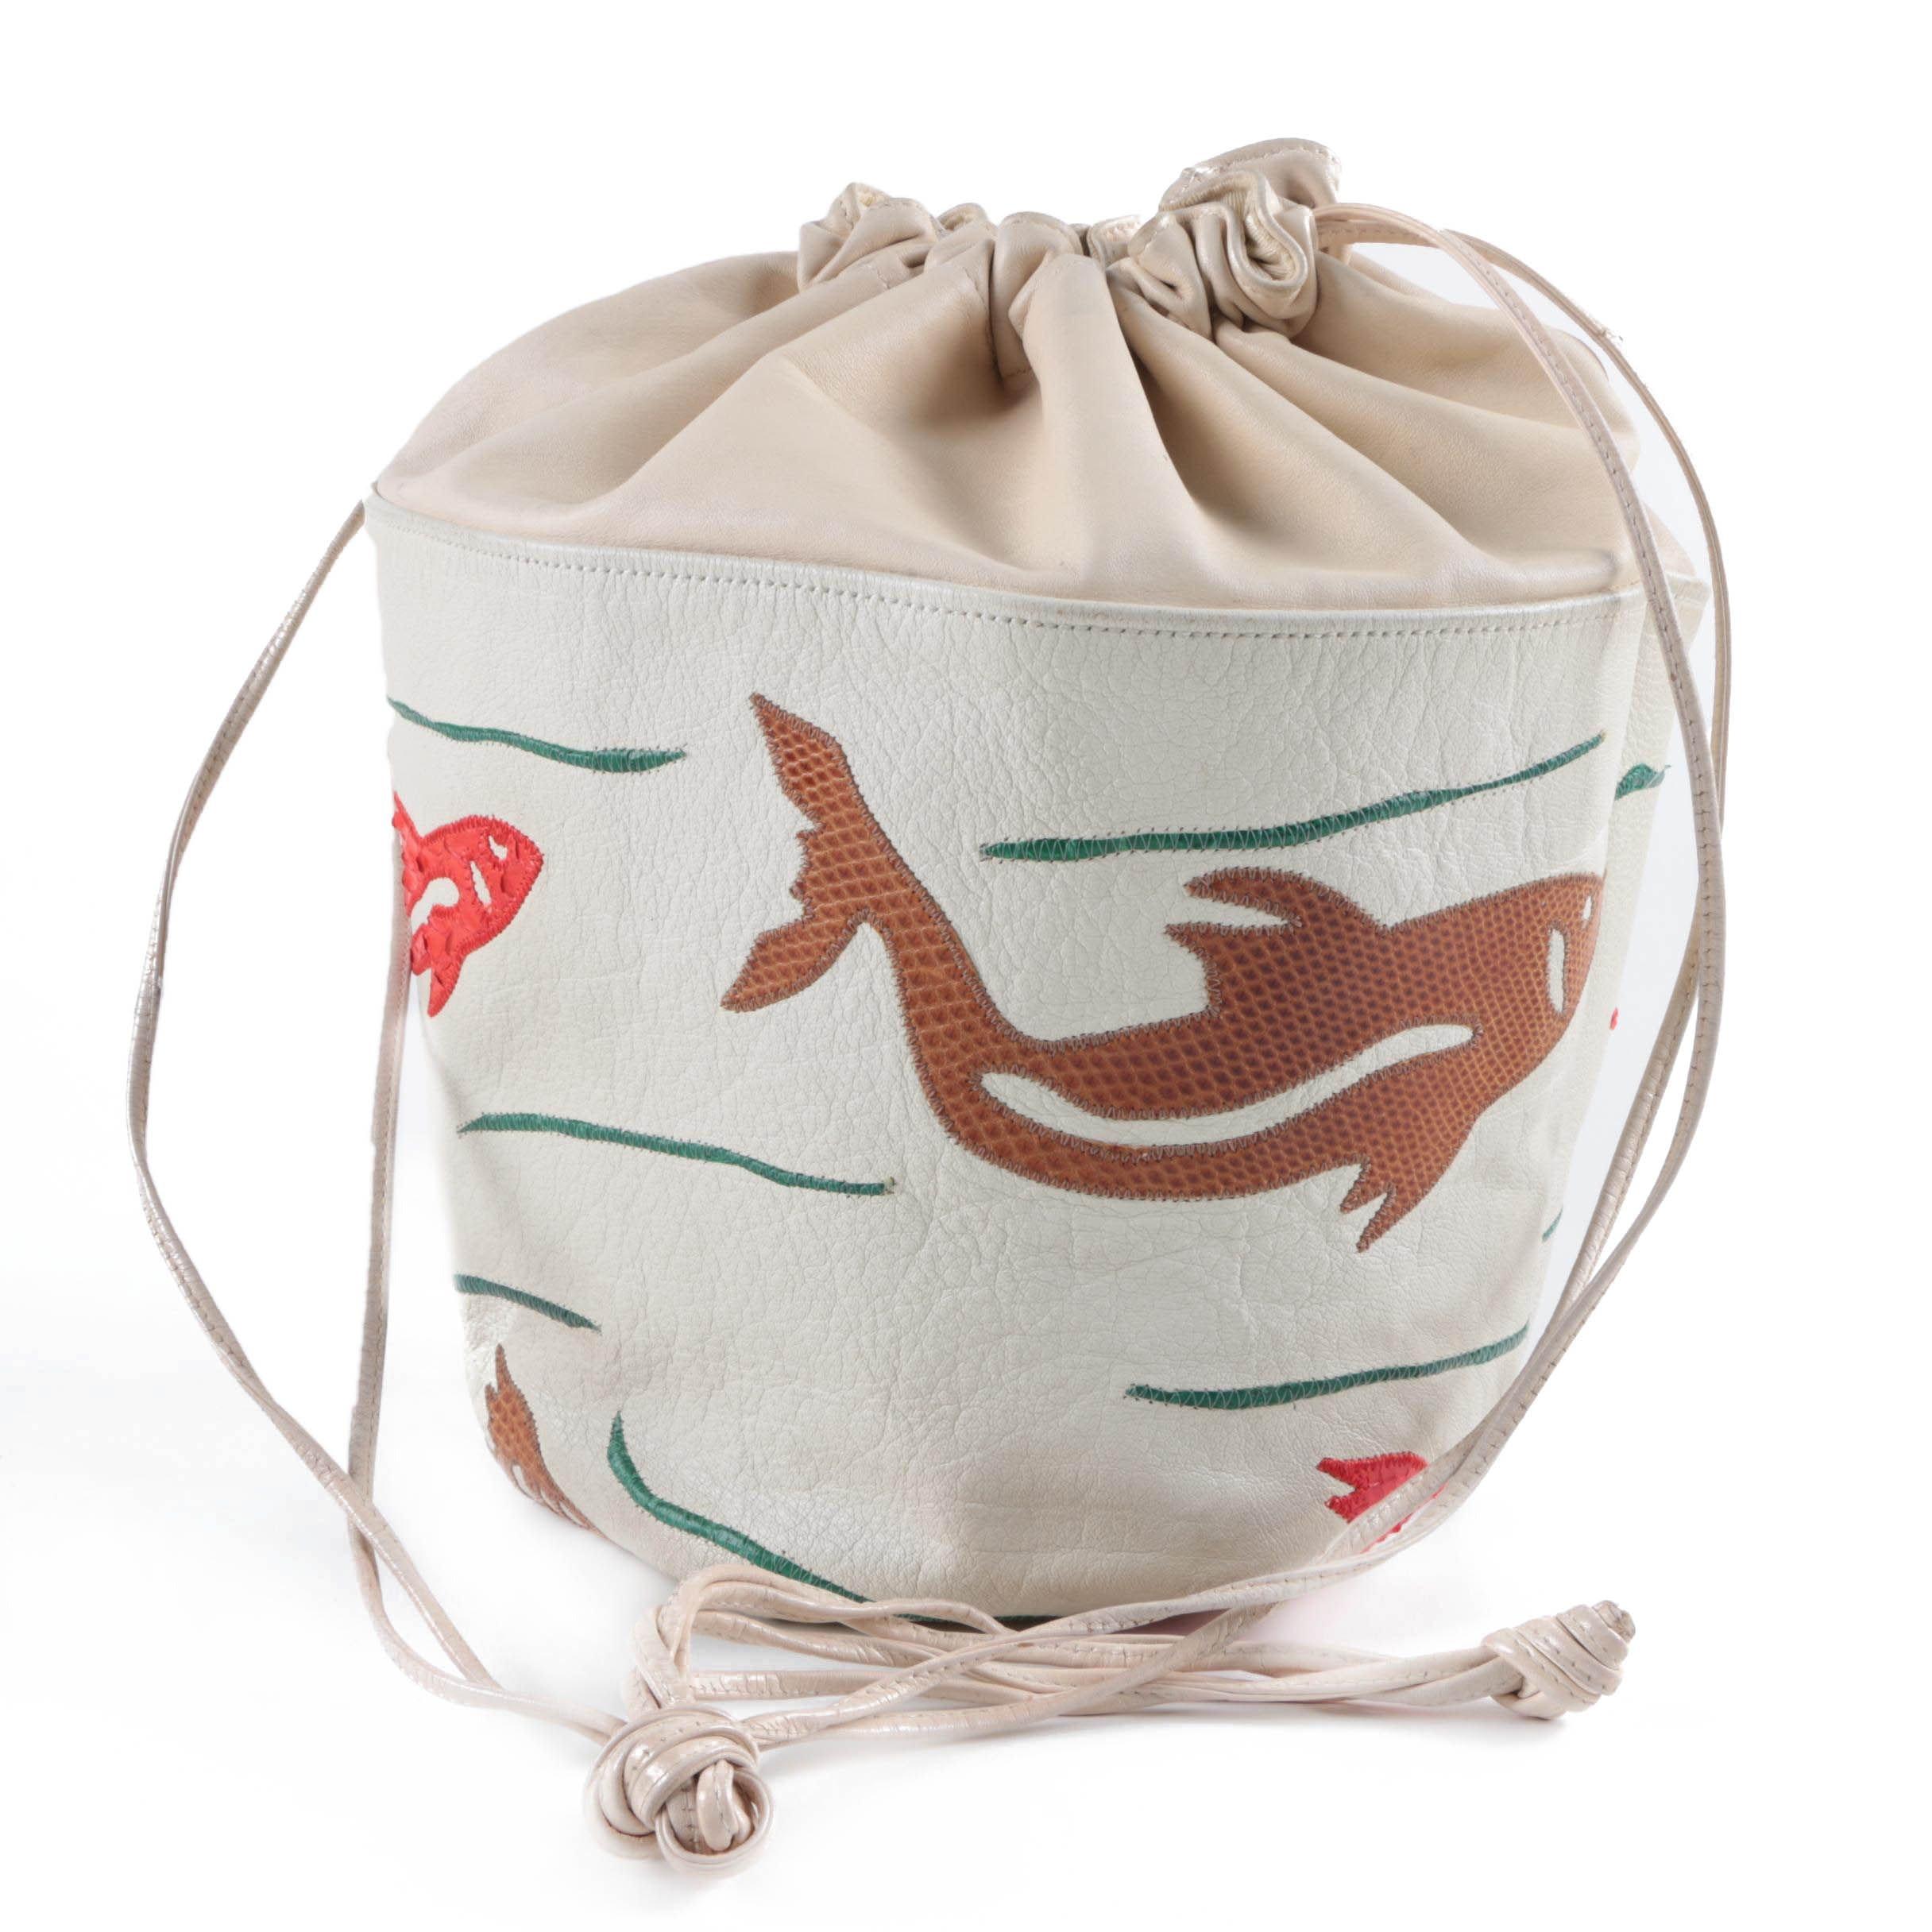 Vintage Carlos Falchi Leather Bucket Bag